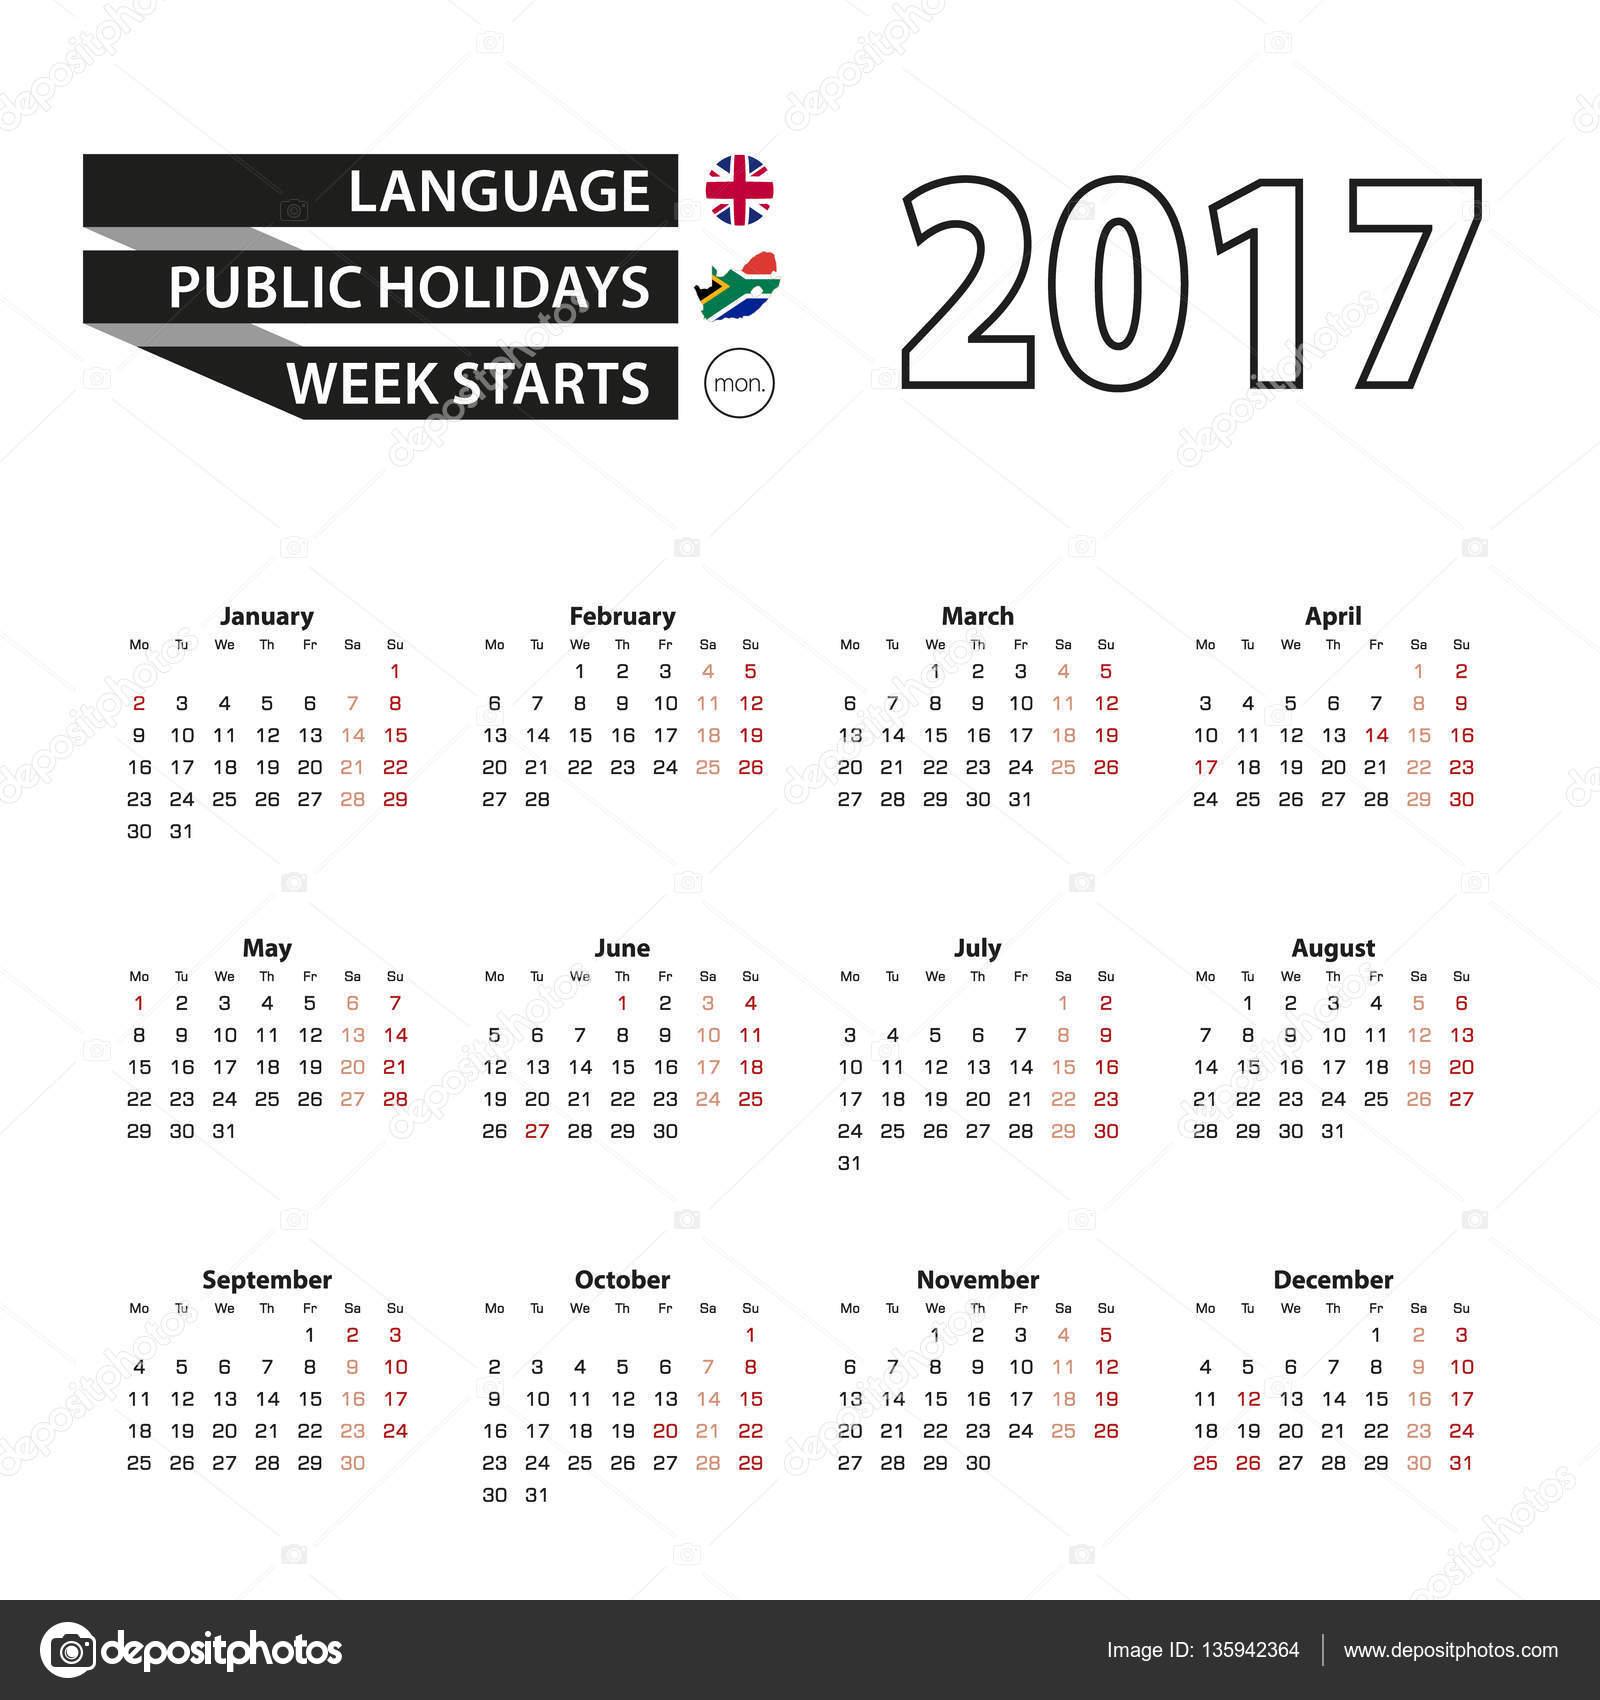 Calendar 2017 on English language. With Public Holidays ...